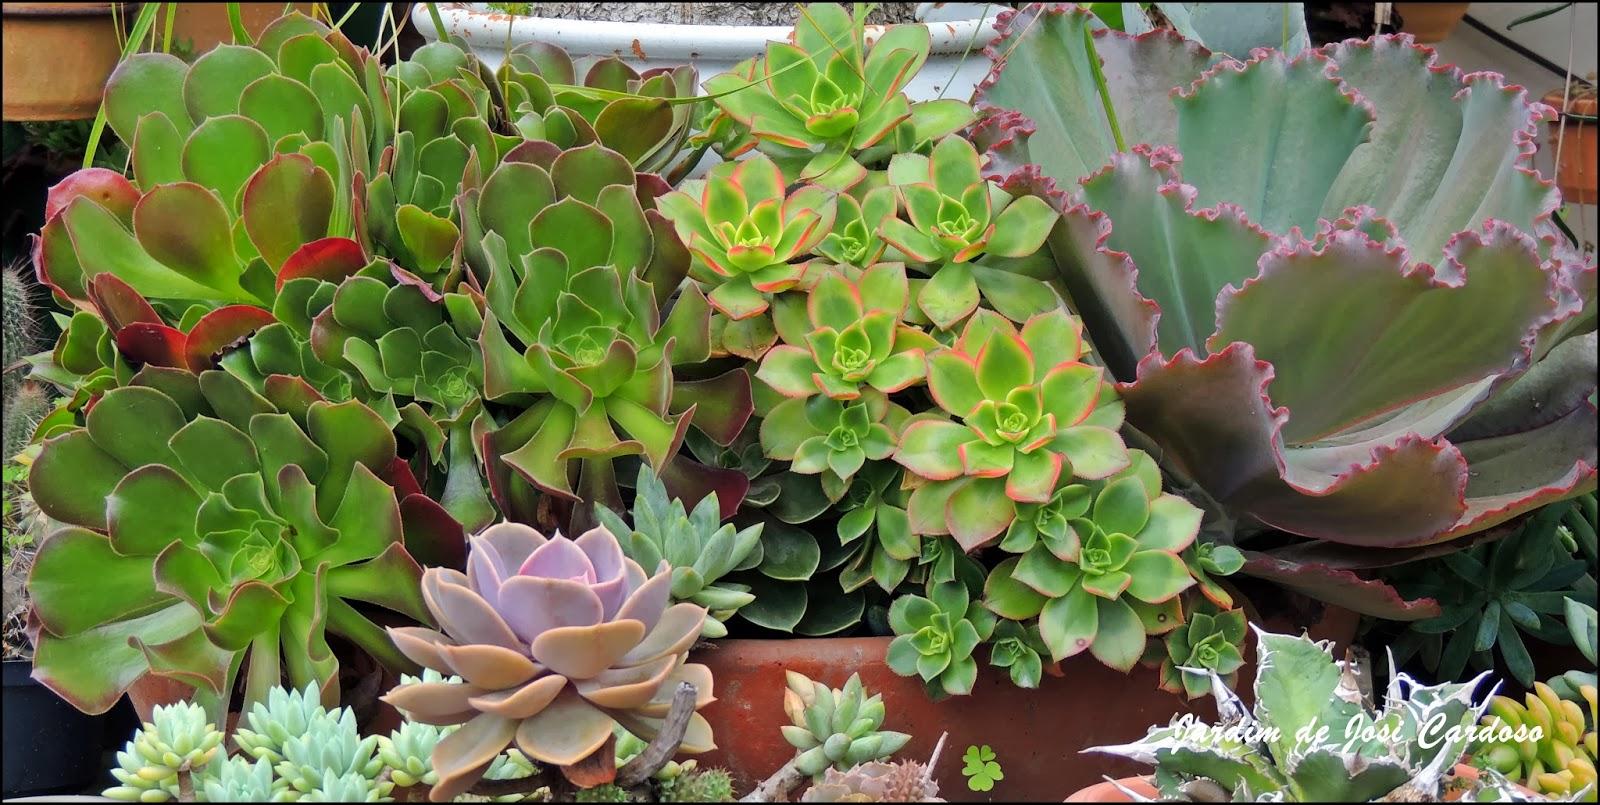 plantas de jardim que gostam de umidade : plantas de jardim que gostam de umidade:Jardim de Josi Cardoso: Cuidados com as Suculentas.